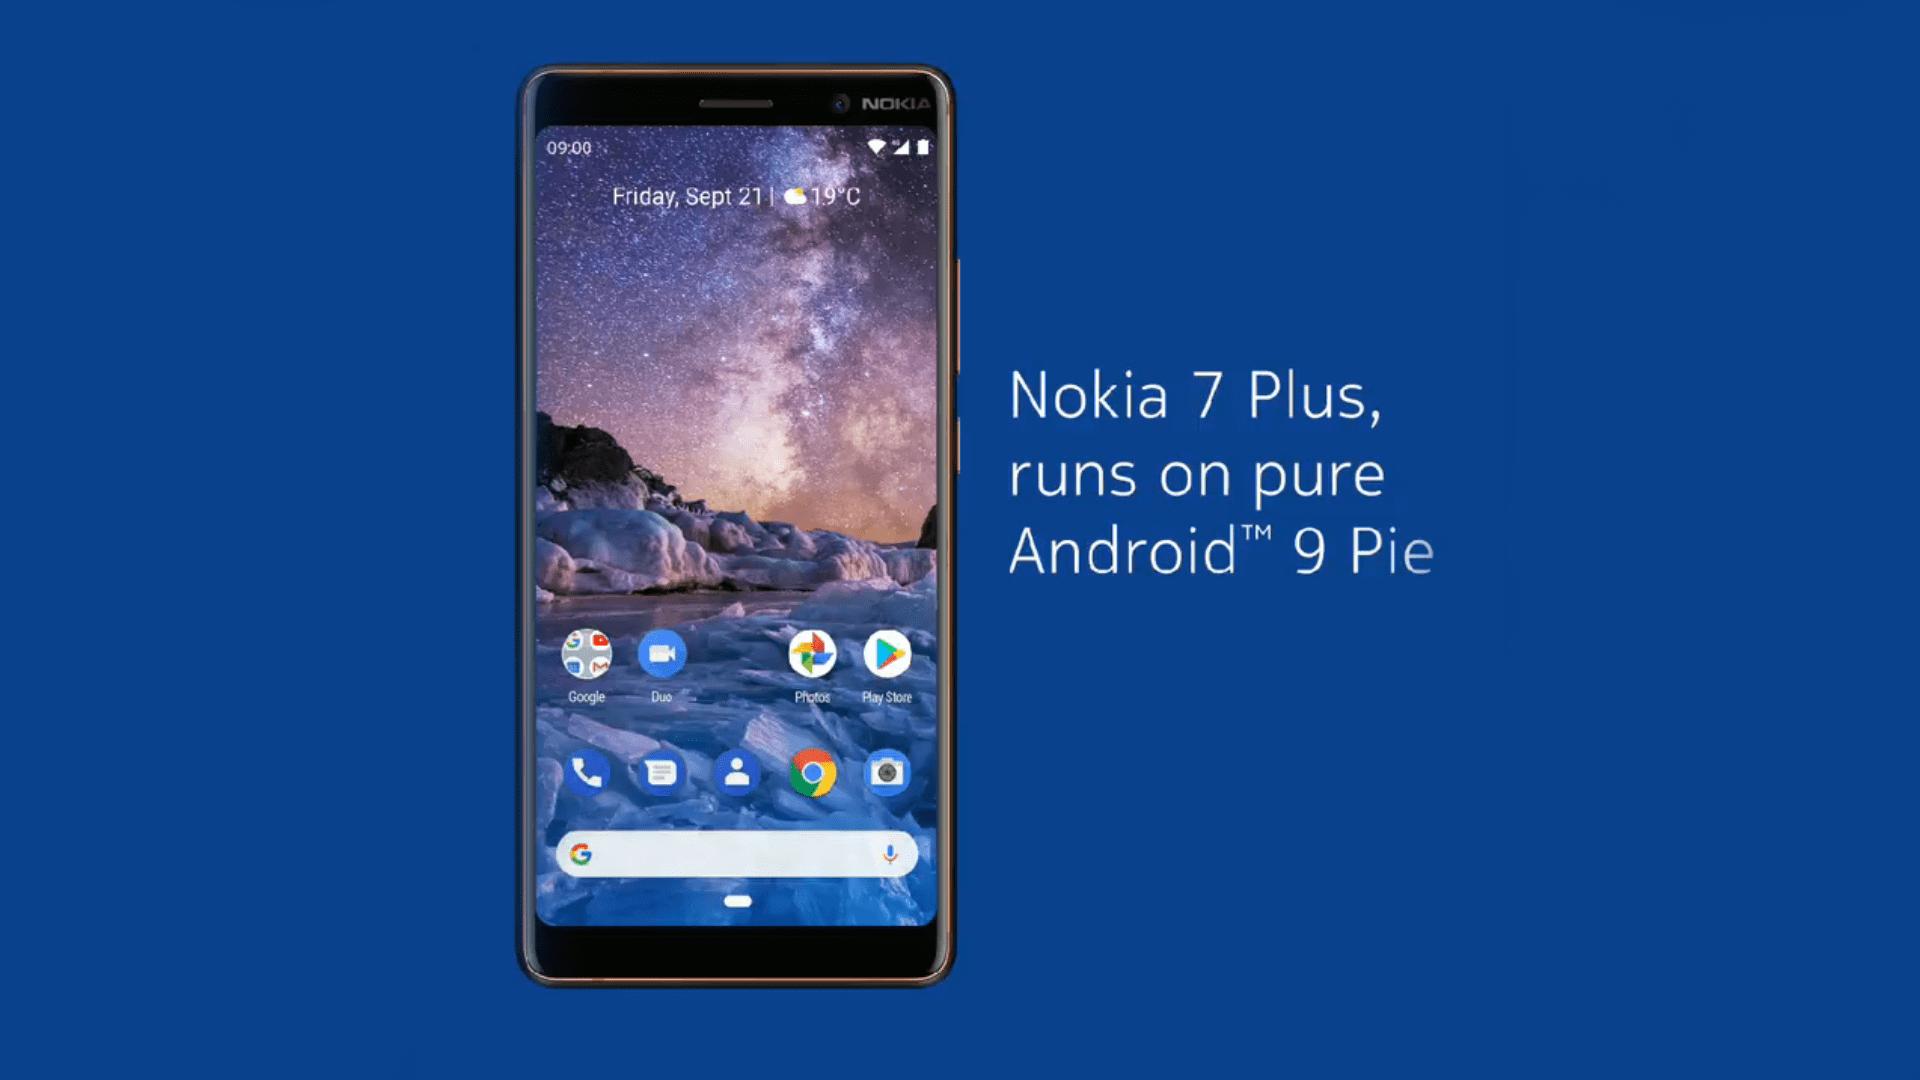 Le Nokia 7 Plus mis à jour vers Android 9 Pie